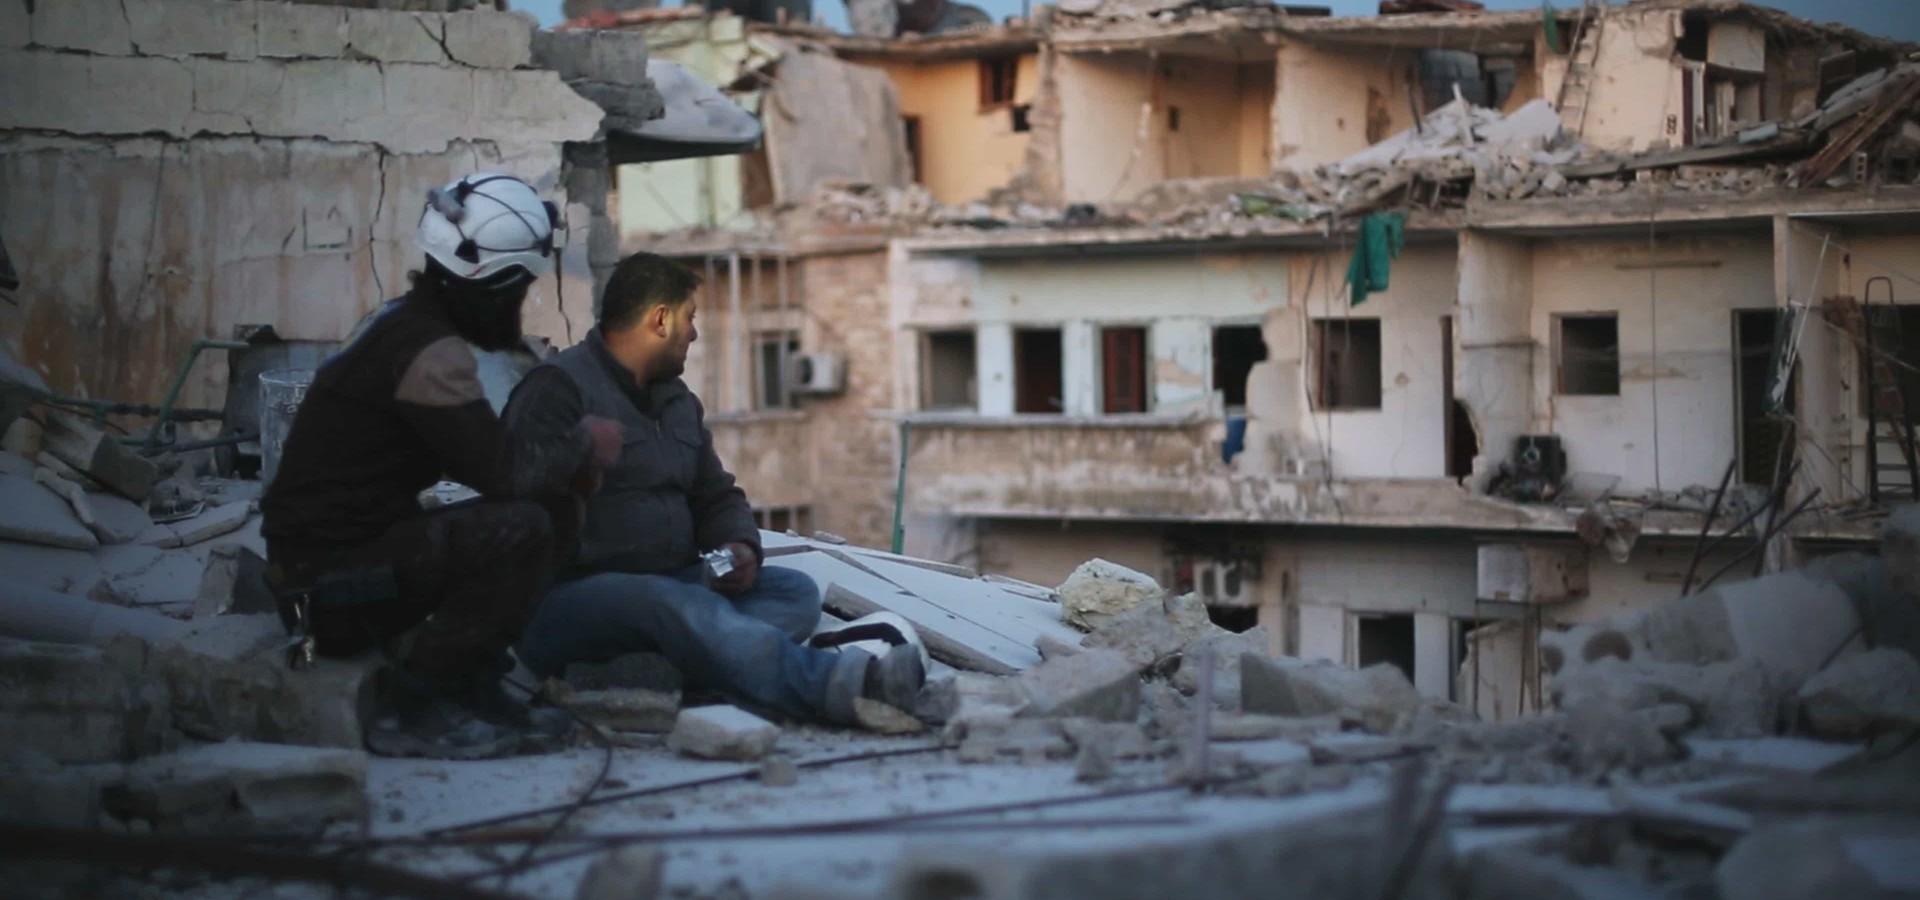 Les derniers Hommes d'Alep